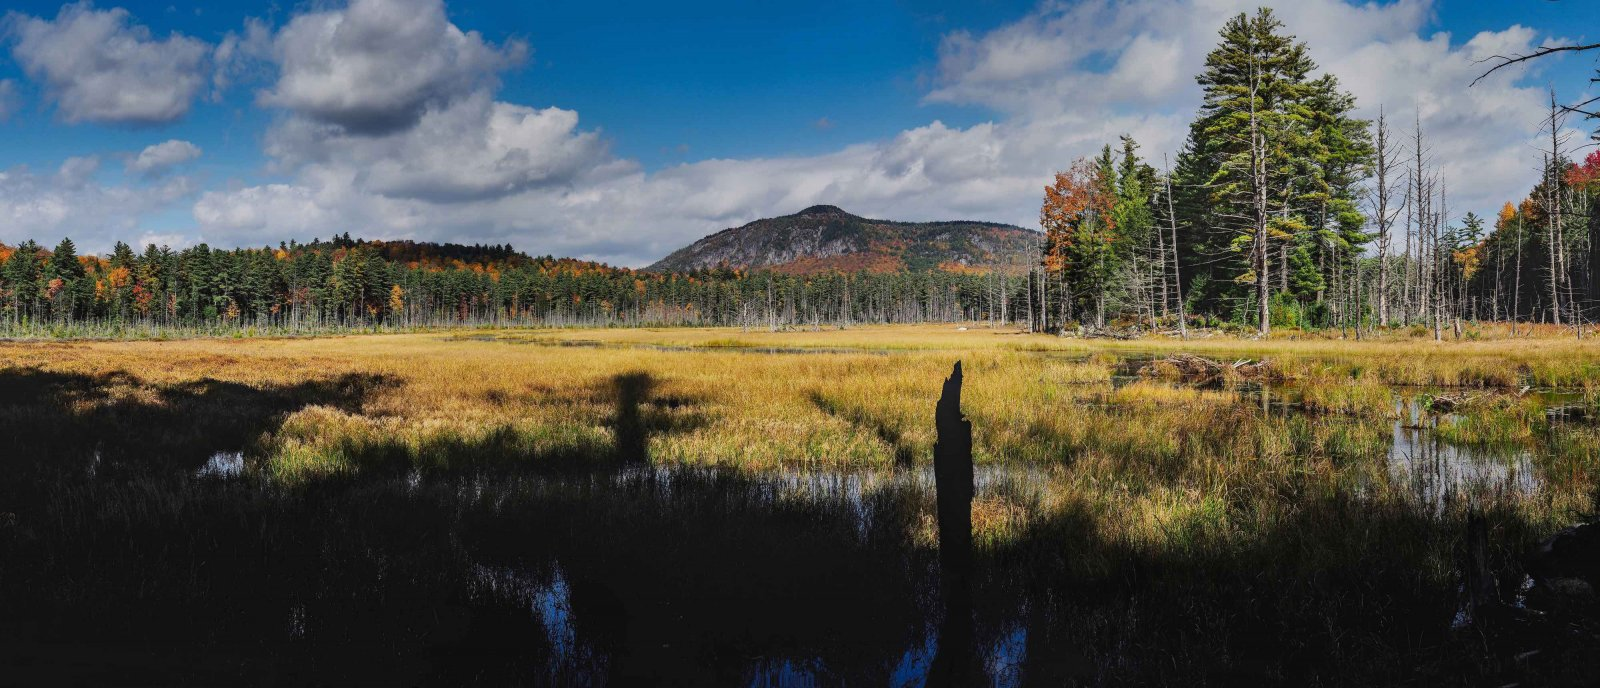 P15-pond panorama-peak background-Adironack Marsh Pano.jpg